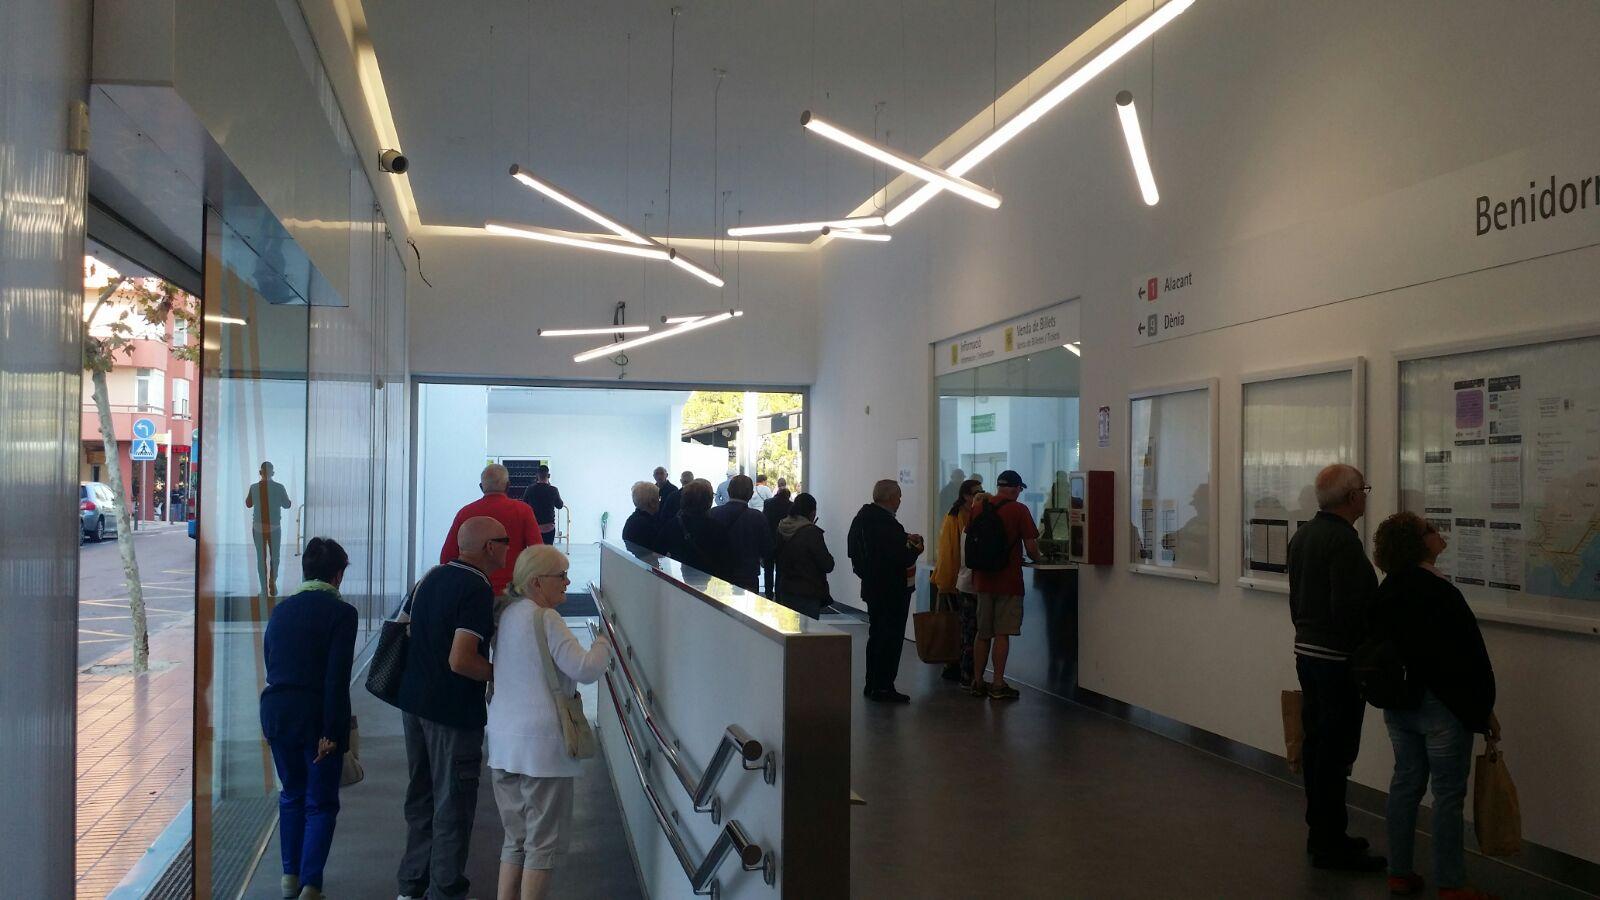 Estación Benidorm